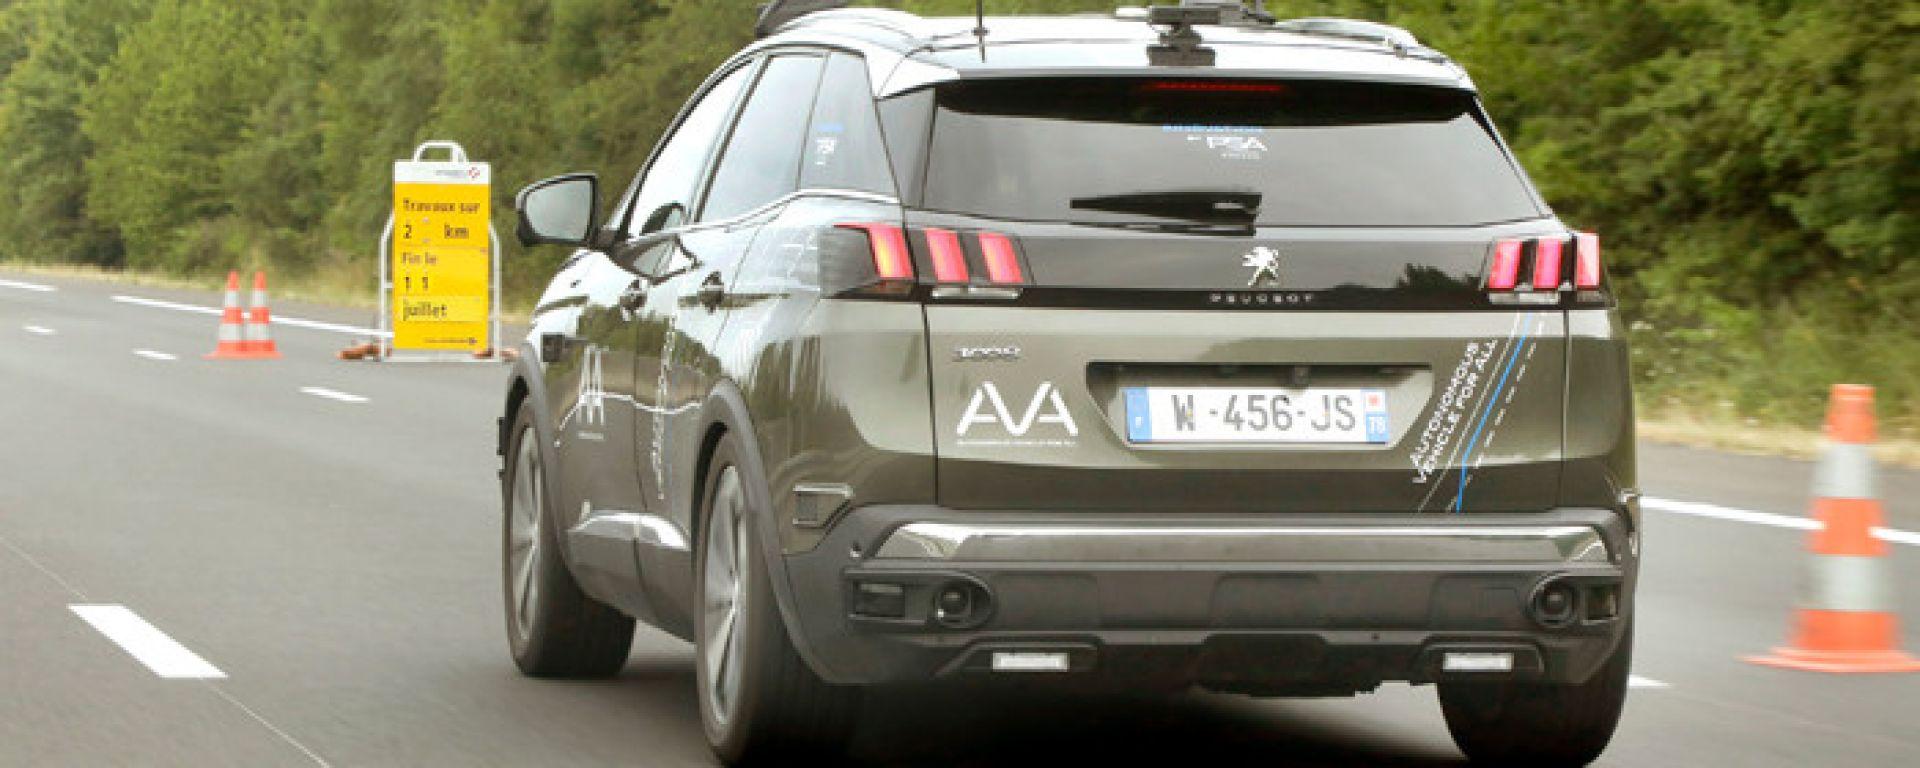 Guida autonoma: la Peugeot 3008 di PSA e Vinci Autoroutes